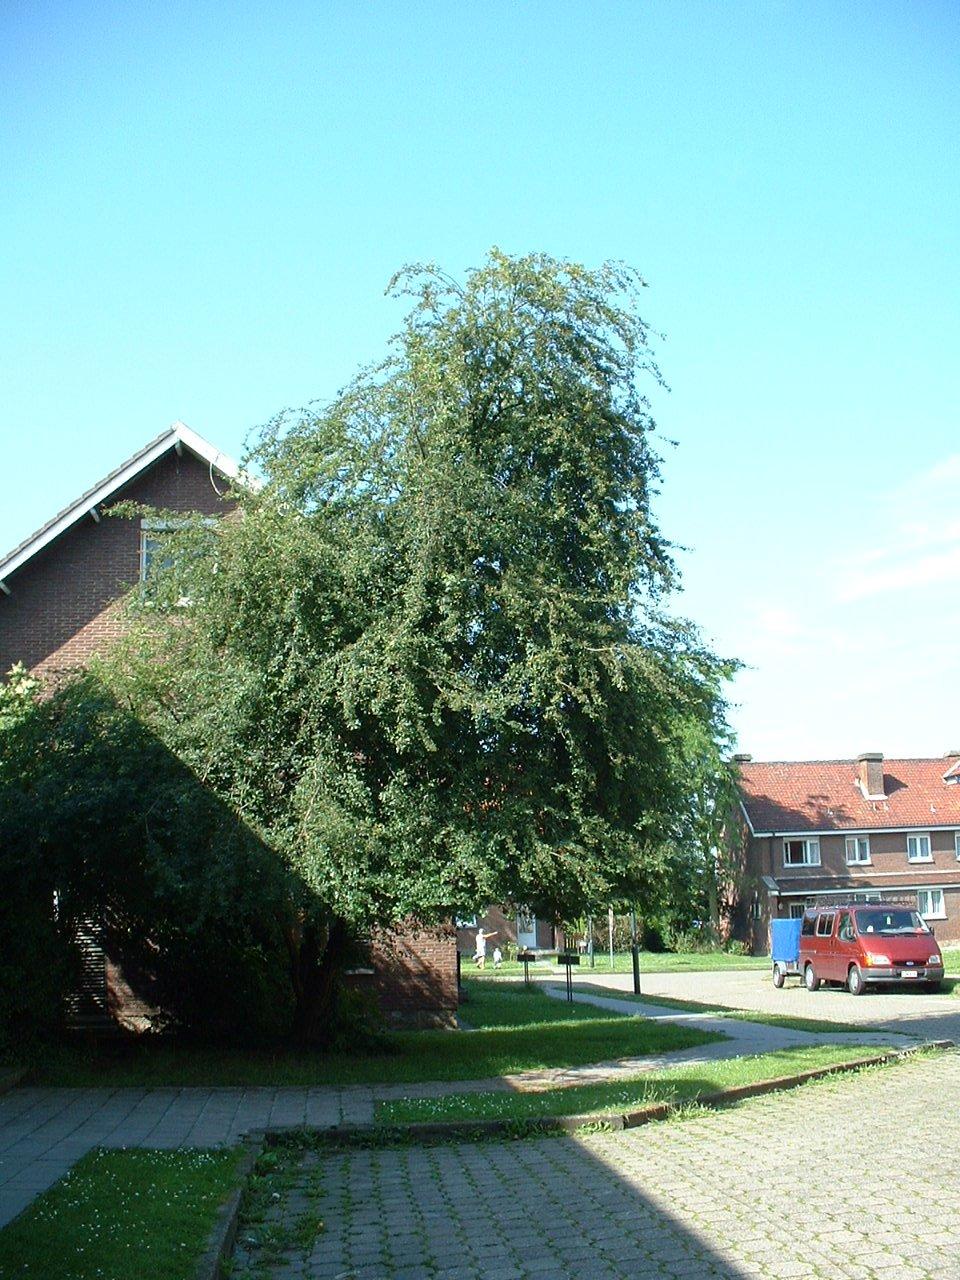 Aubépine à un style/ Epine blanche – Evere, Quartier Tornooiveld, Avenue de la Lance –  17 Juin 2002